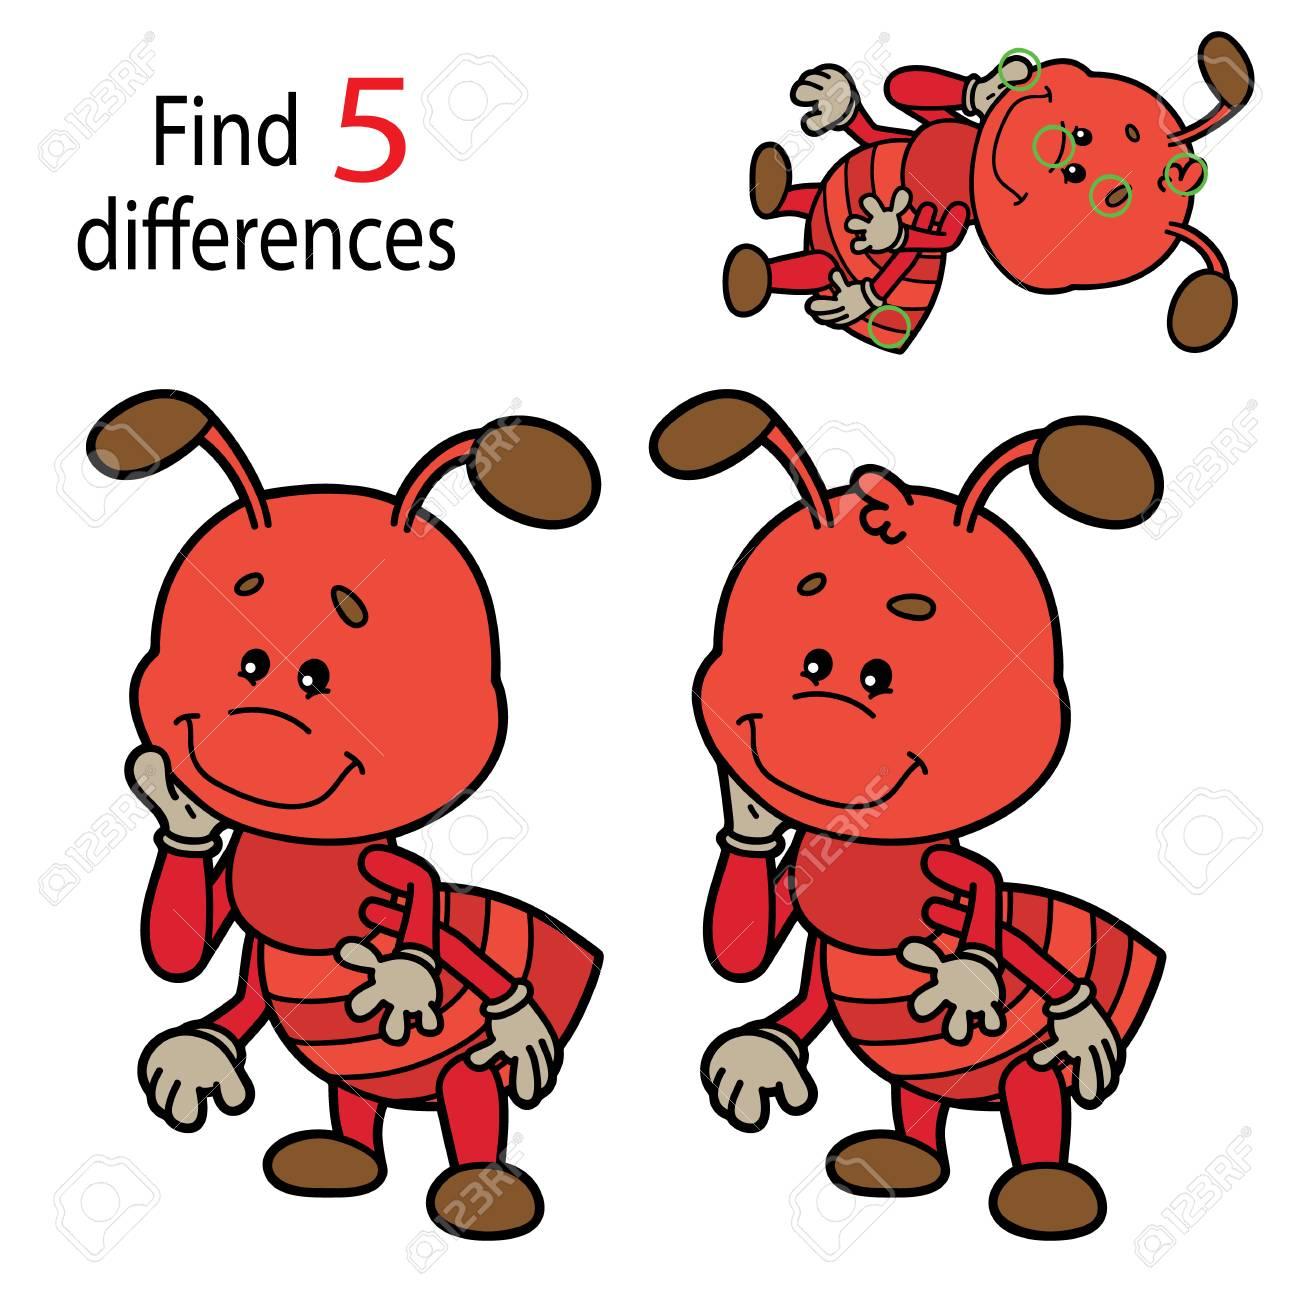 Illustration Vectorielle Du Jeu Éducatif Pour Enfants Puzzle Trouvez 5  Différences Pour Les Enfants D'âge Préscolaire concernant Les 5 Differences